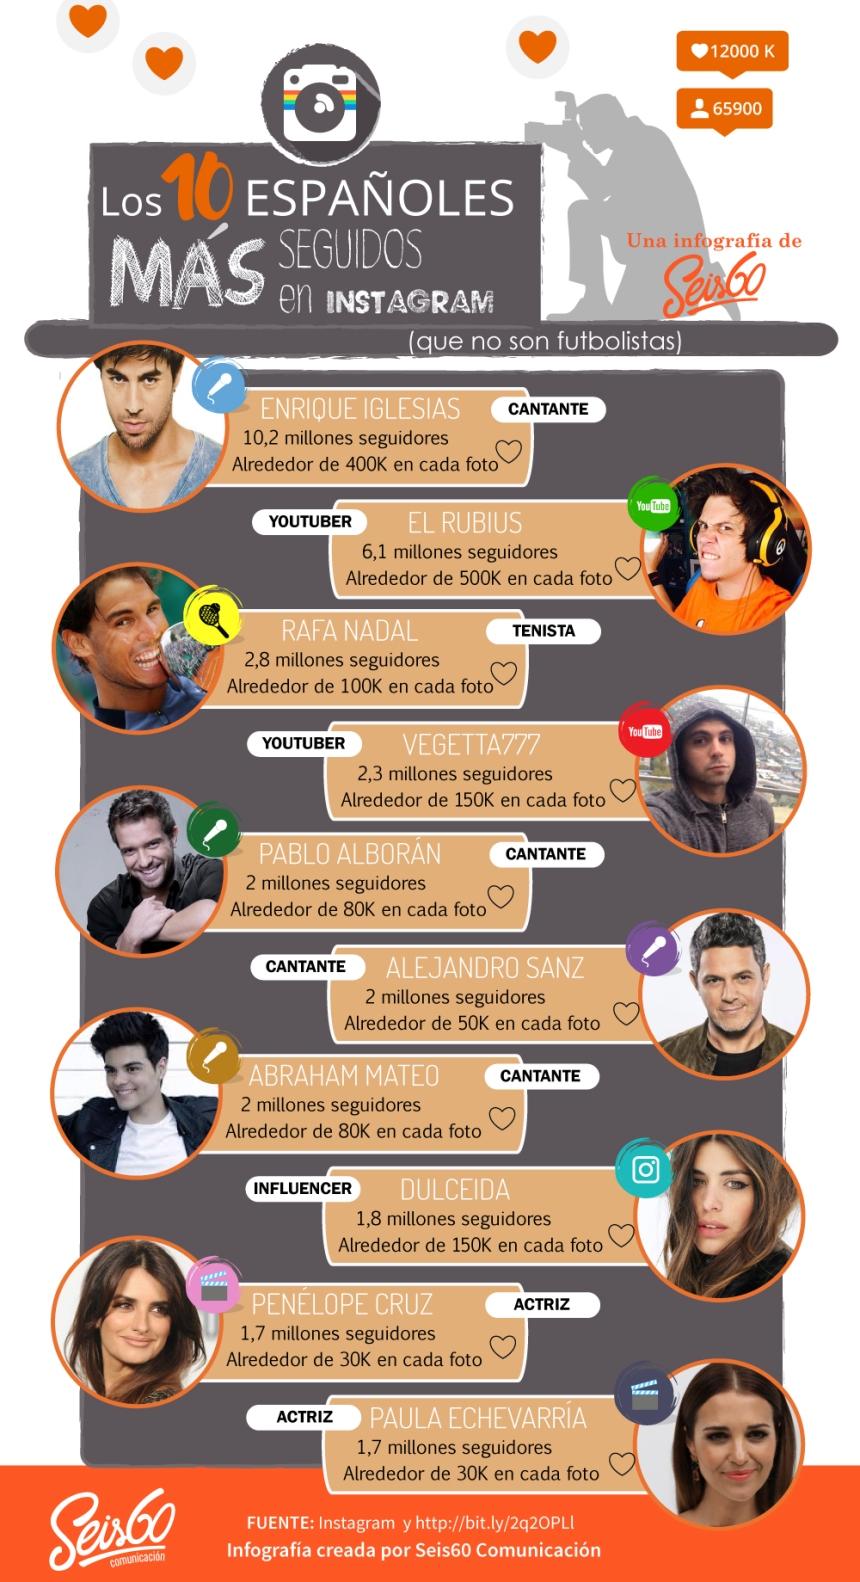 10 españoles más seguidos en Instagram (no futbolistas)